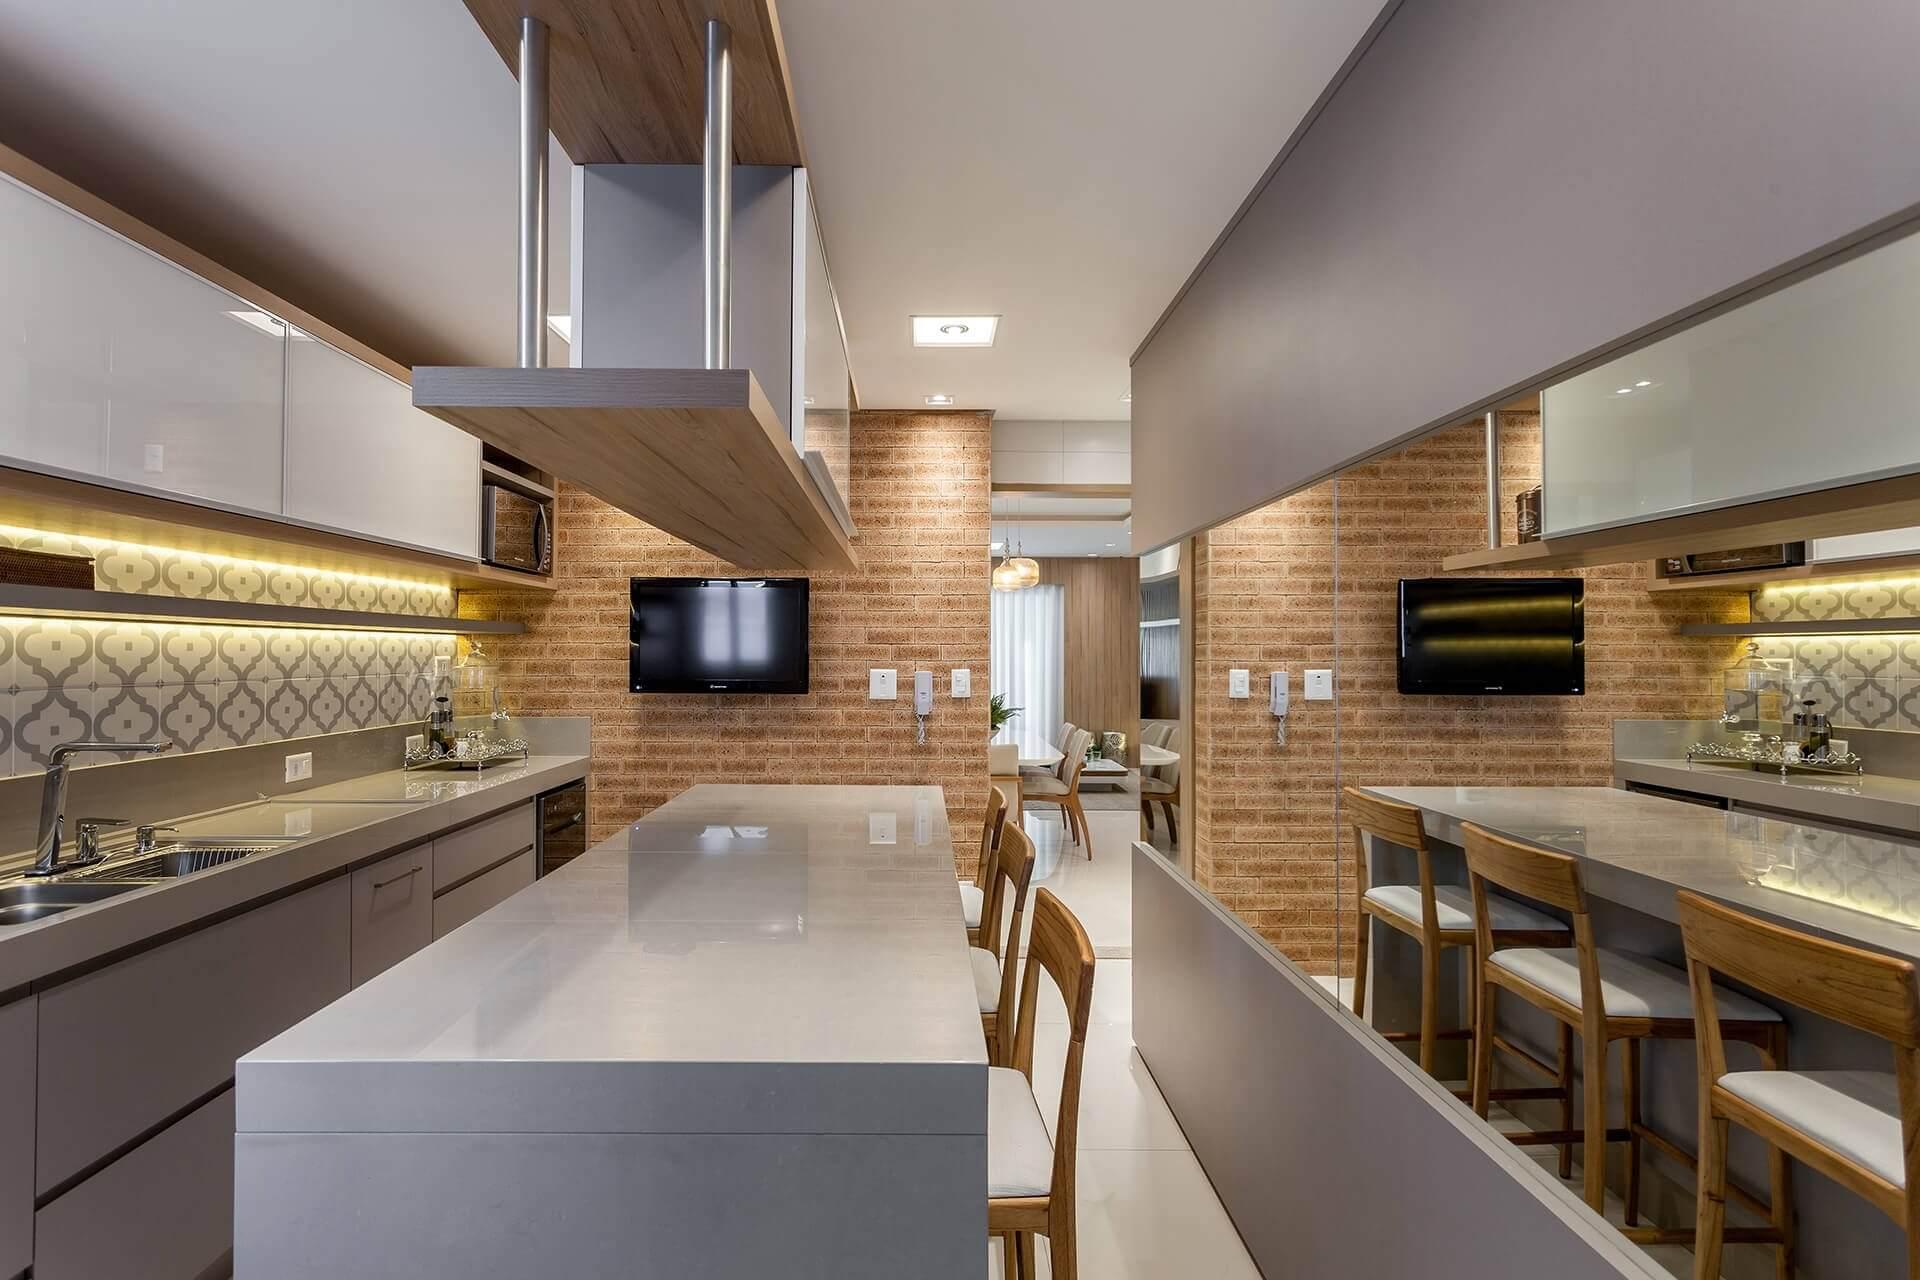 Cozinha - Pirâmidde Móveis